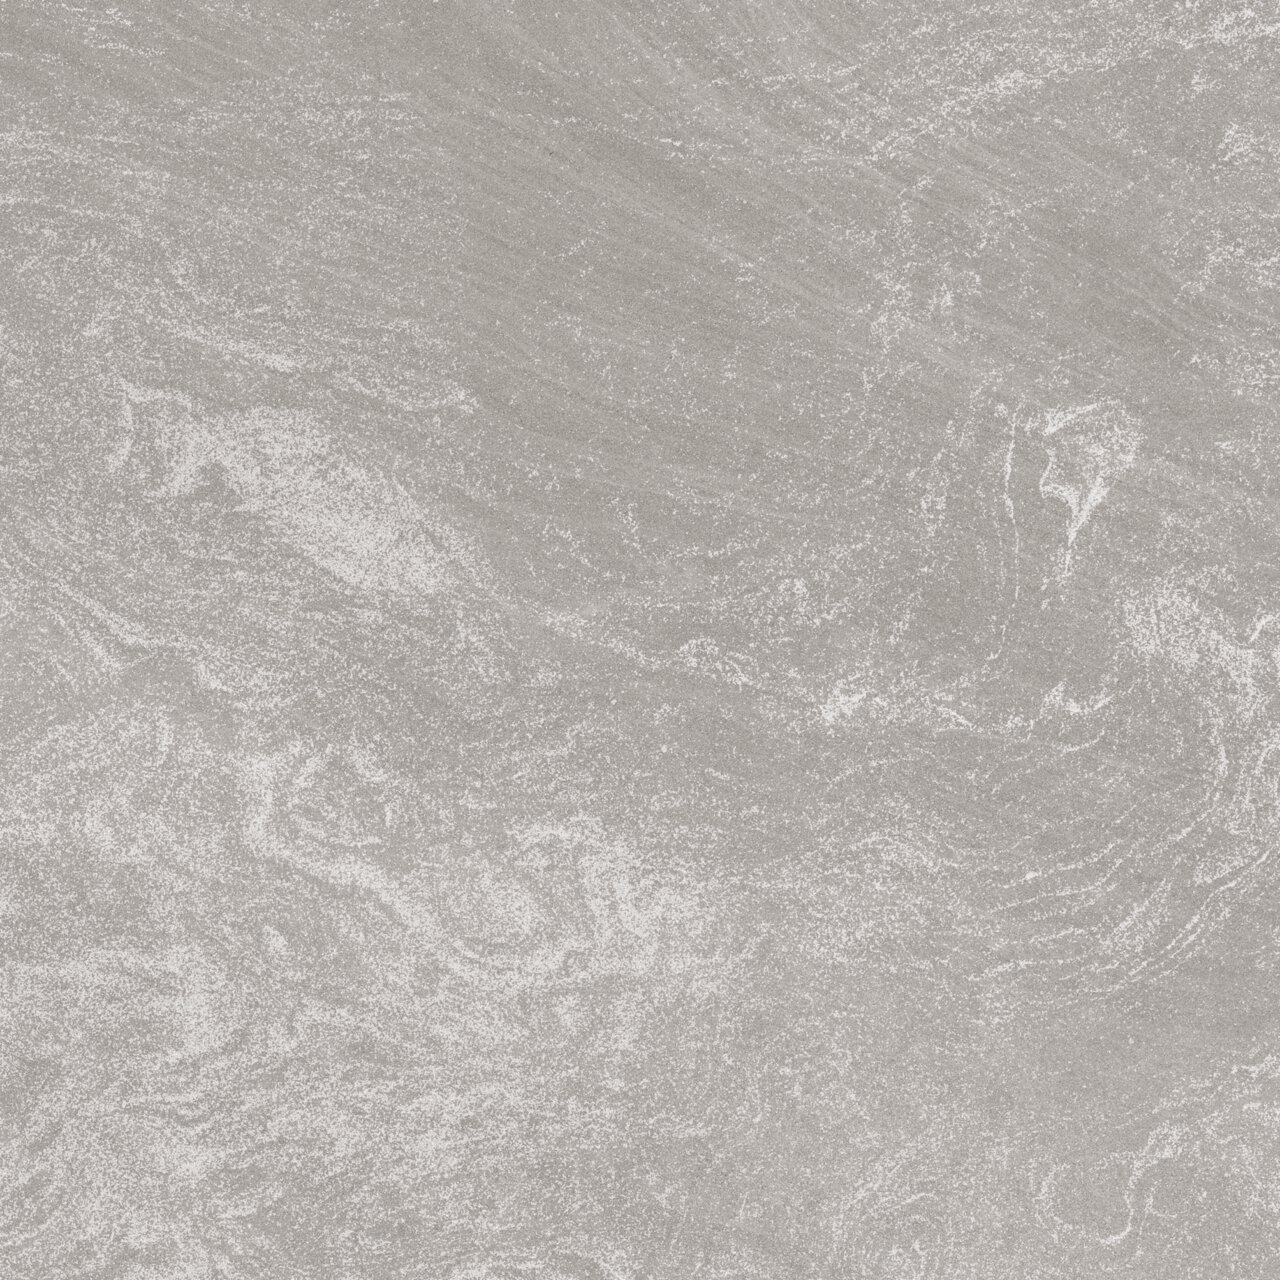 Agrob Buchtal Evalia Boden GRAU 431913 Bodenfliese  60x60 unglasiert